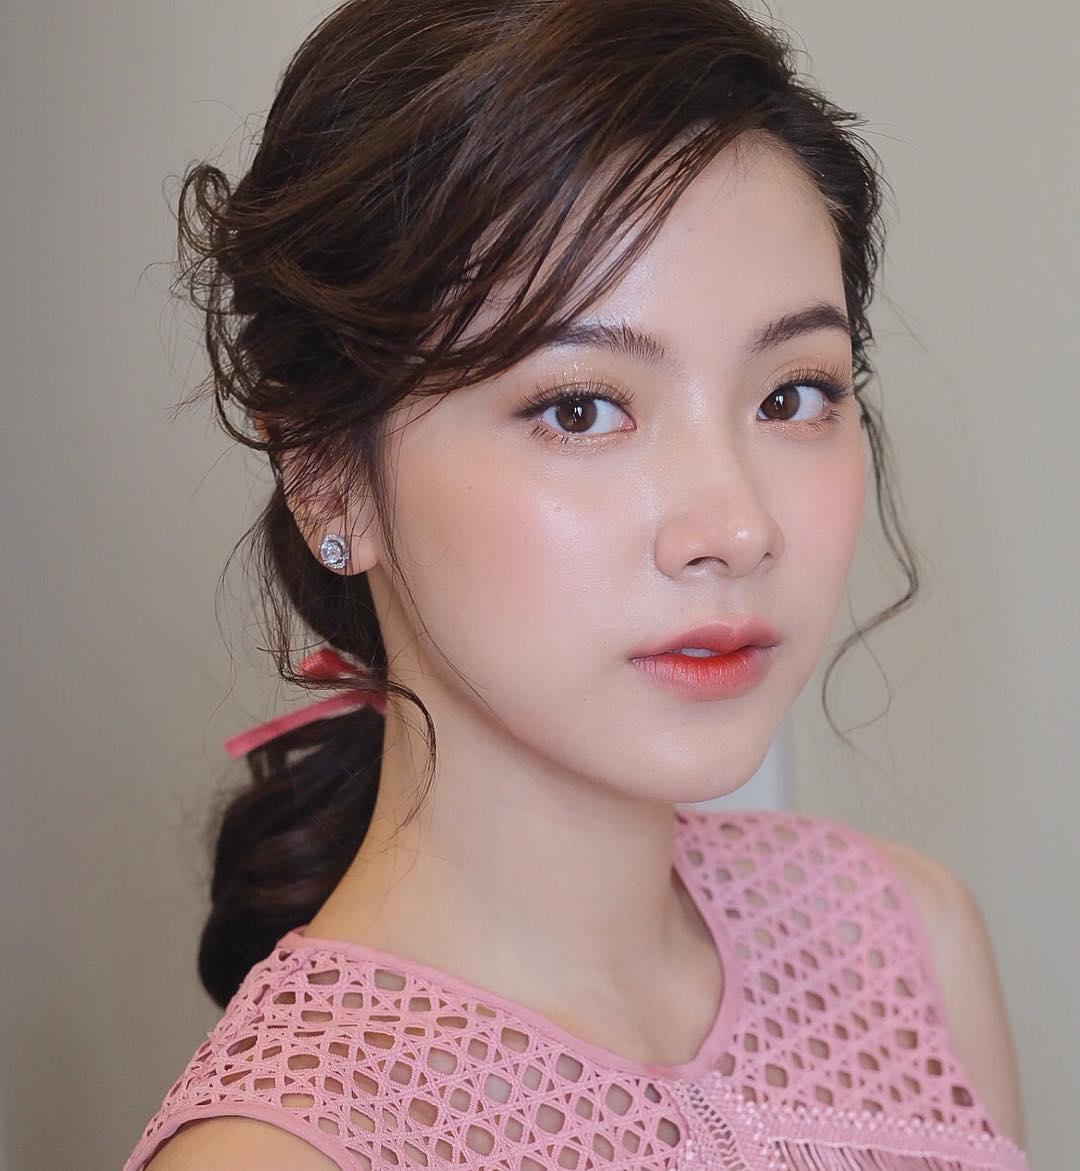 عکس ها و بیوگرافی Pimchanok Luevisadpaibul بازیگر و مدل تایلندی